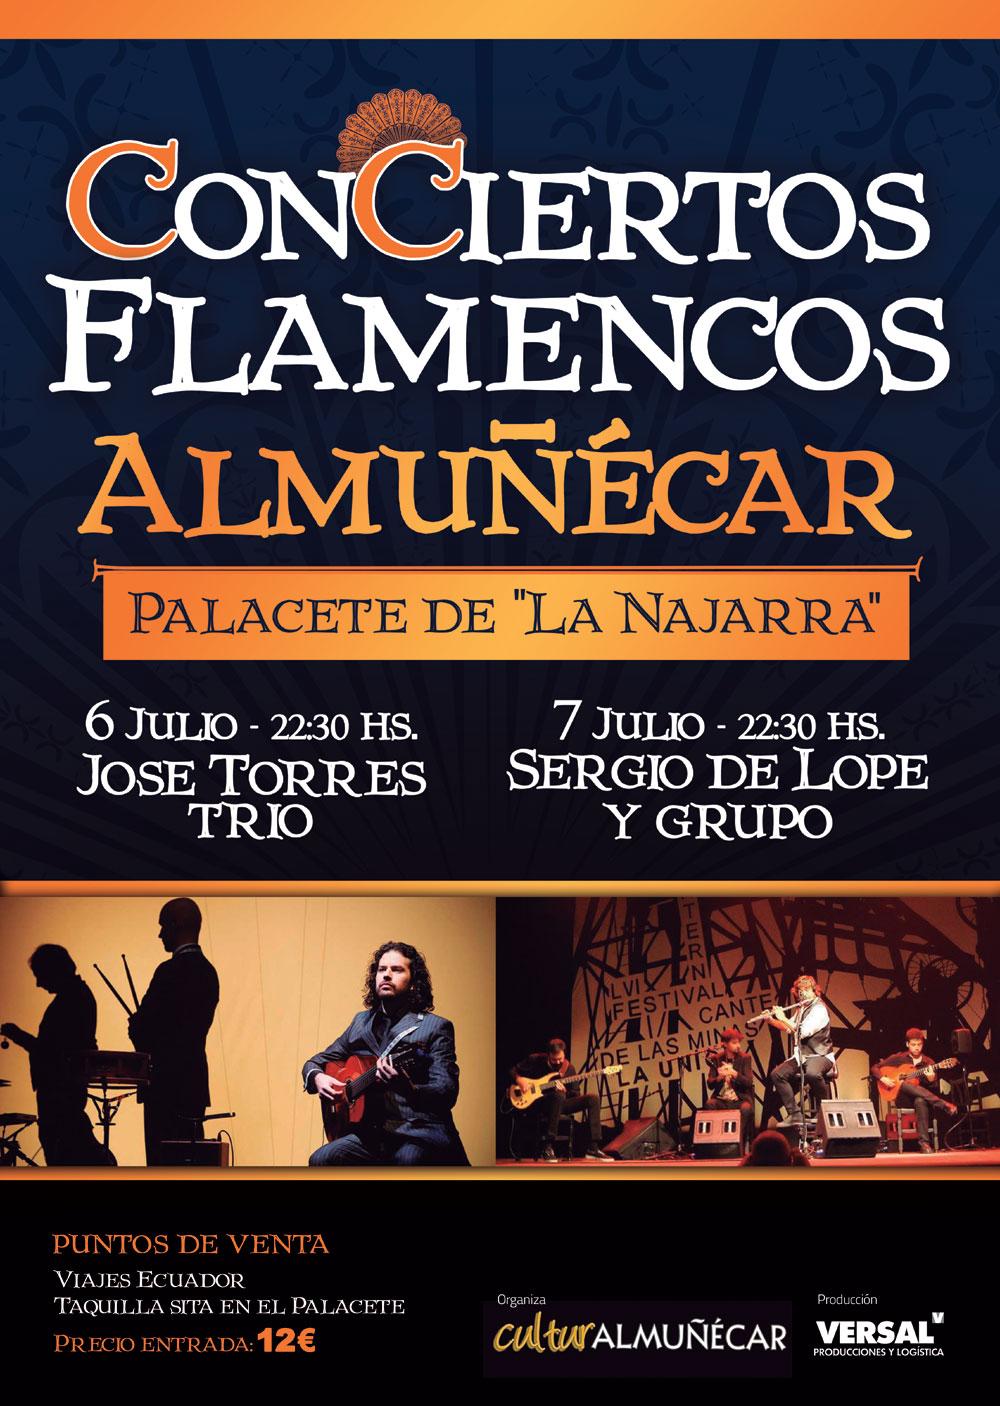 c3c153fca061d El Giraldillo - Todos los eventos del 7 de Julio en Andalucía